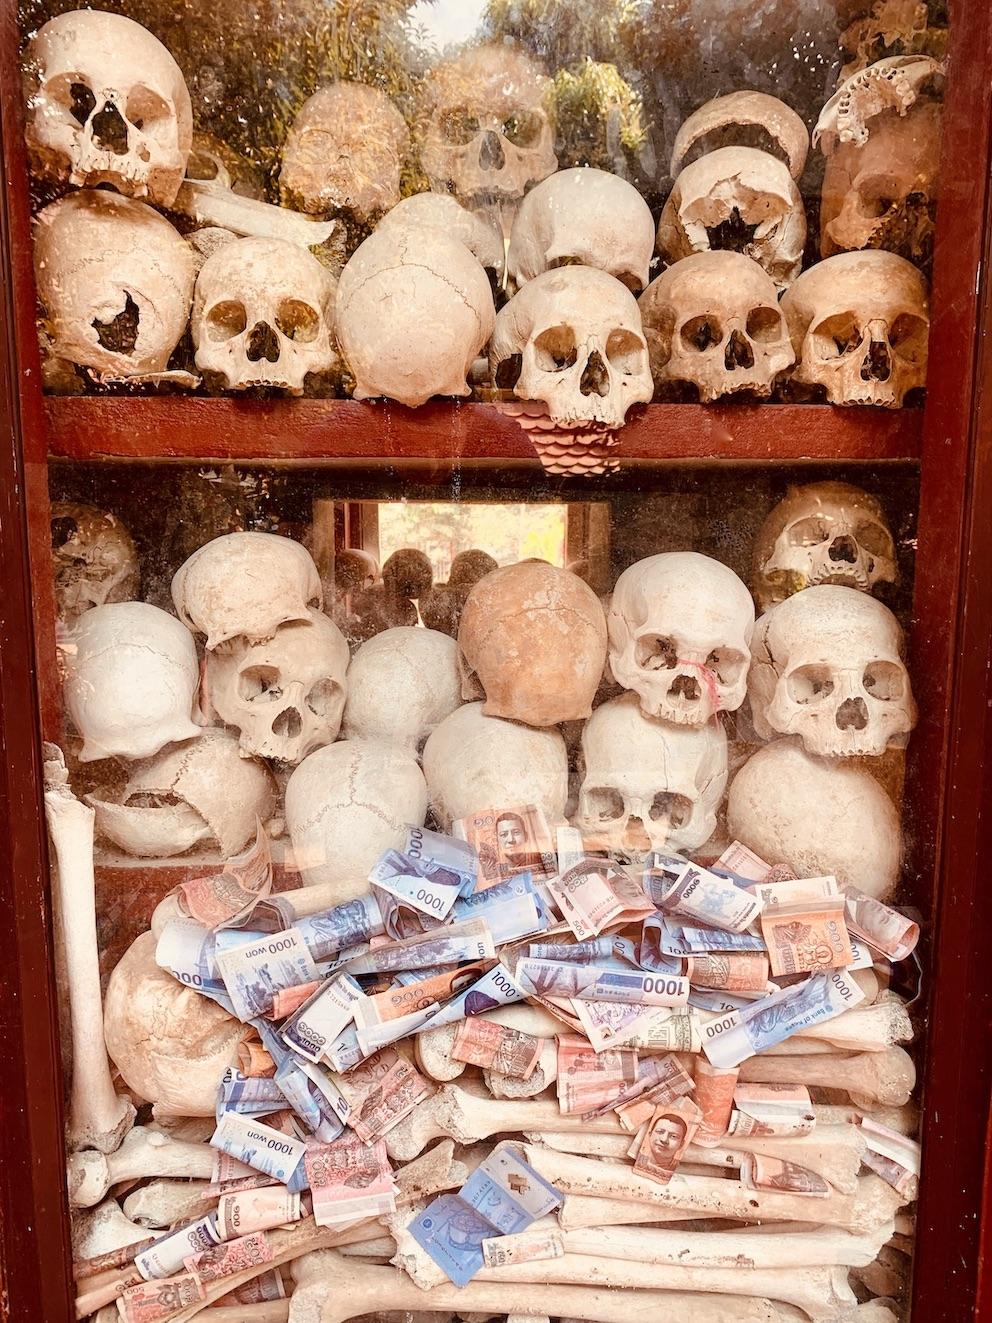 Skulls Cambodia Genocide Siem Reap.